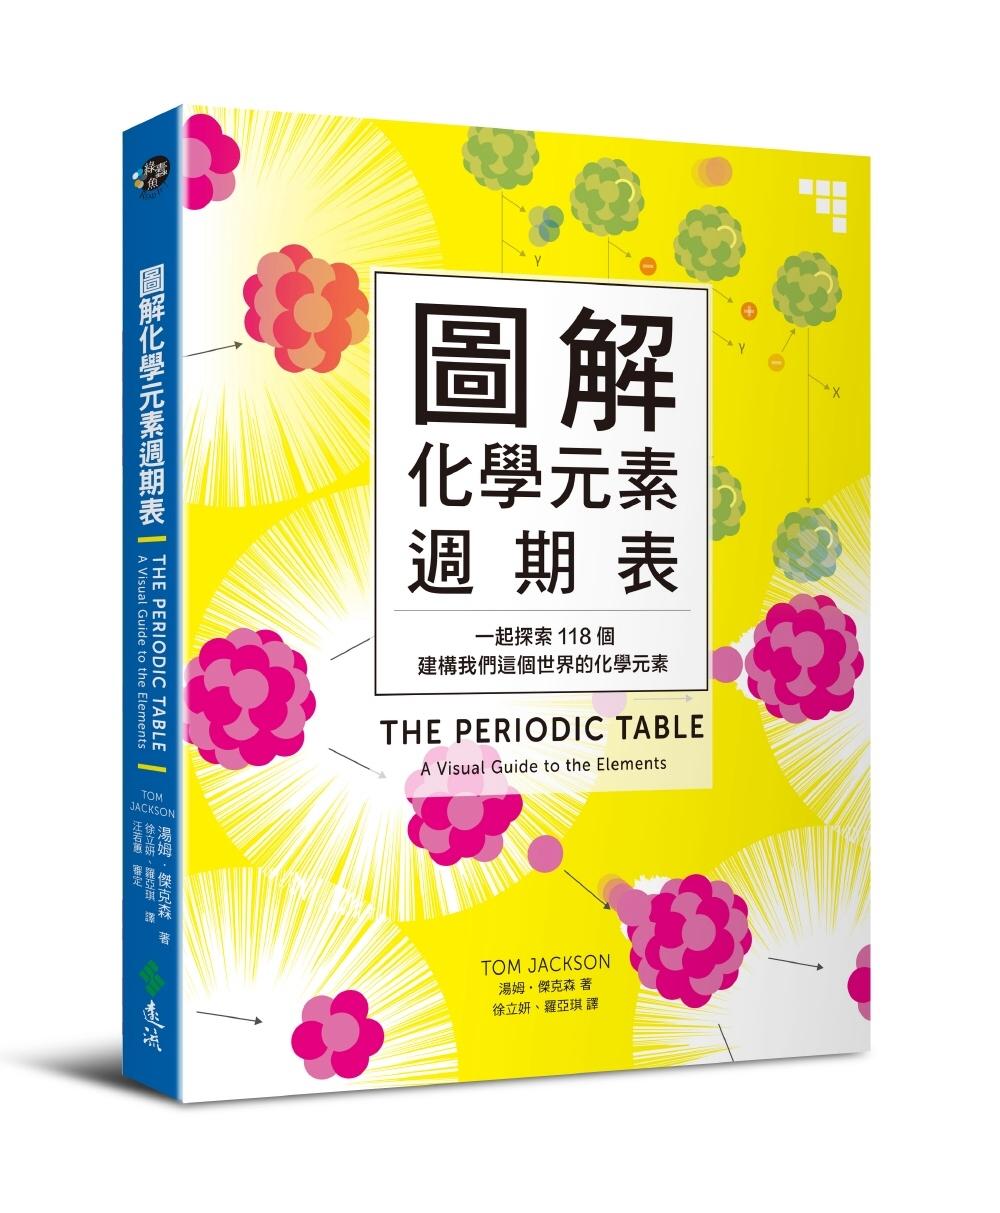 《圖解化學元素週期表:一起探索118個建構我們這個世界的化學元素》 商品條碼,ISBN:9789573281498